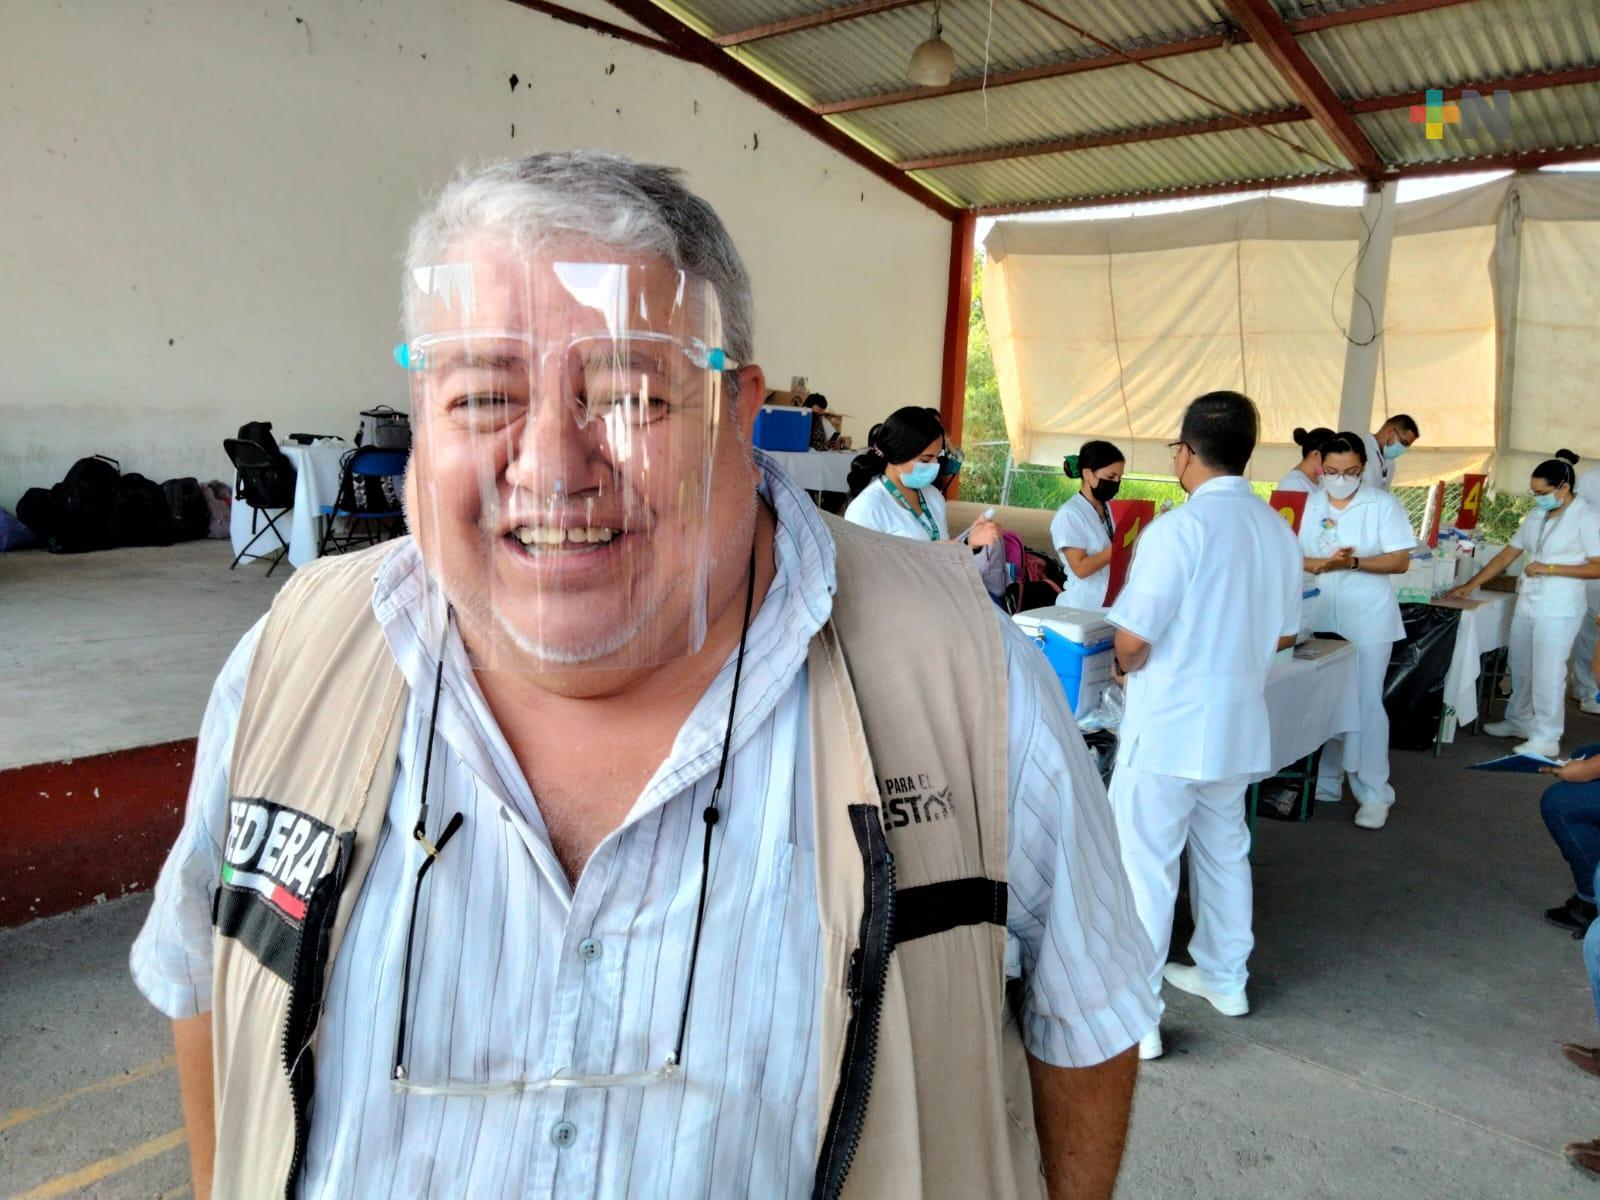 Lamentable que se politice vacunación contra Covid a menores: Manuel Huerta